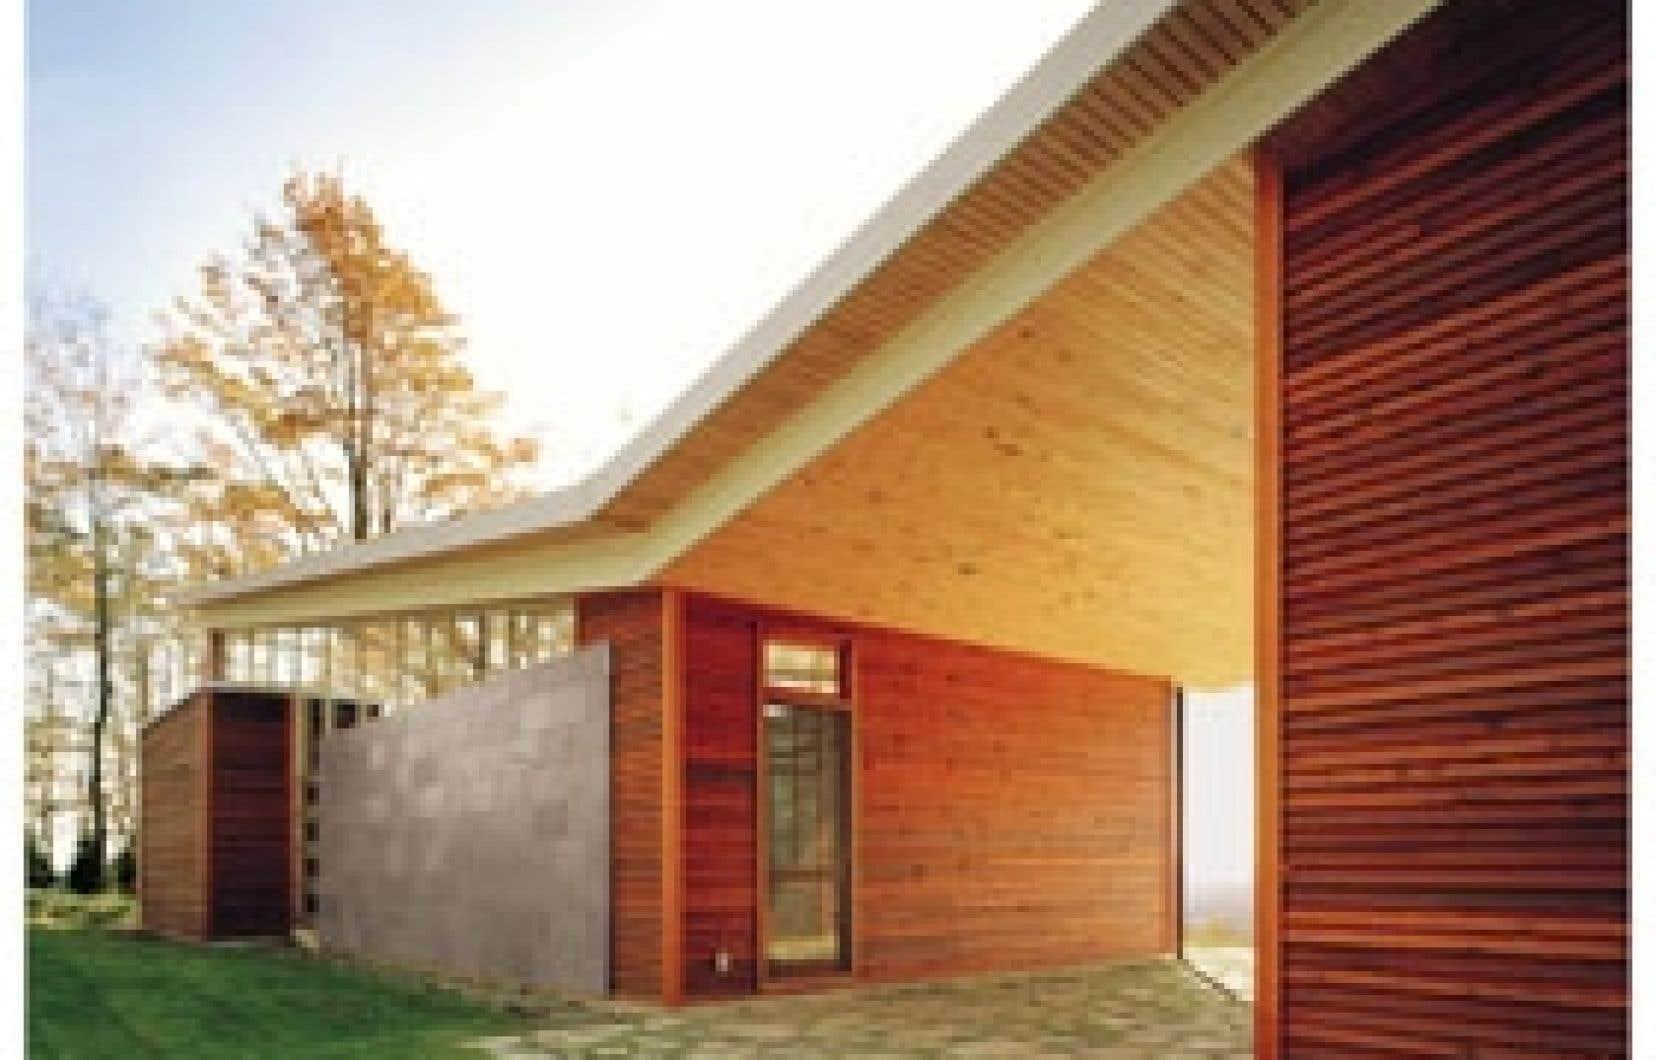 La résidence contemporaine conçue par les architectes Gavin Affleck et Richard de la Riva sur la colline Minton à North Hatley surplombe le lac Massawipi.